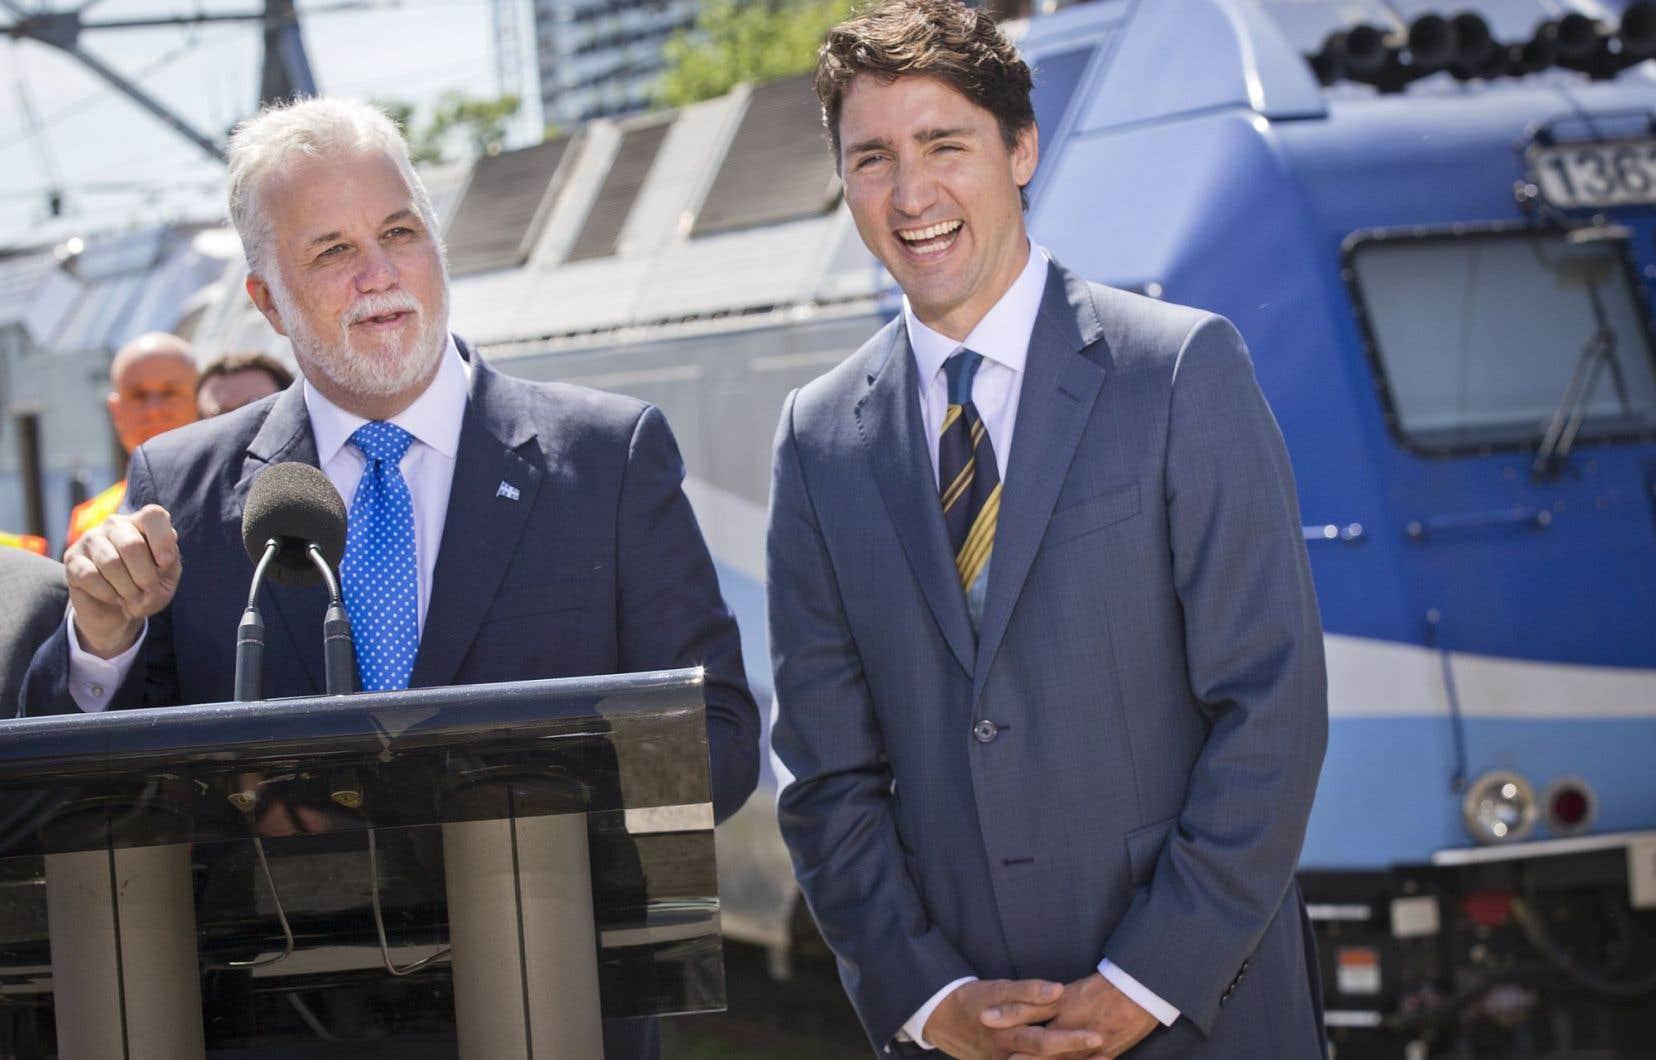 Le premier ministre du Québec, Philippe Couillard, et son homologue fédéral, Justin Trudeau<br />